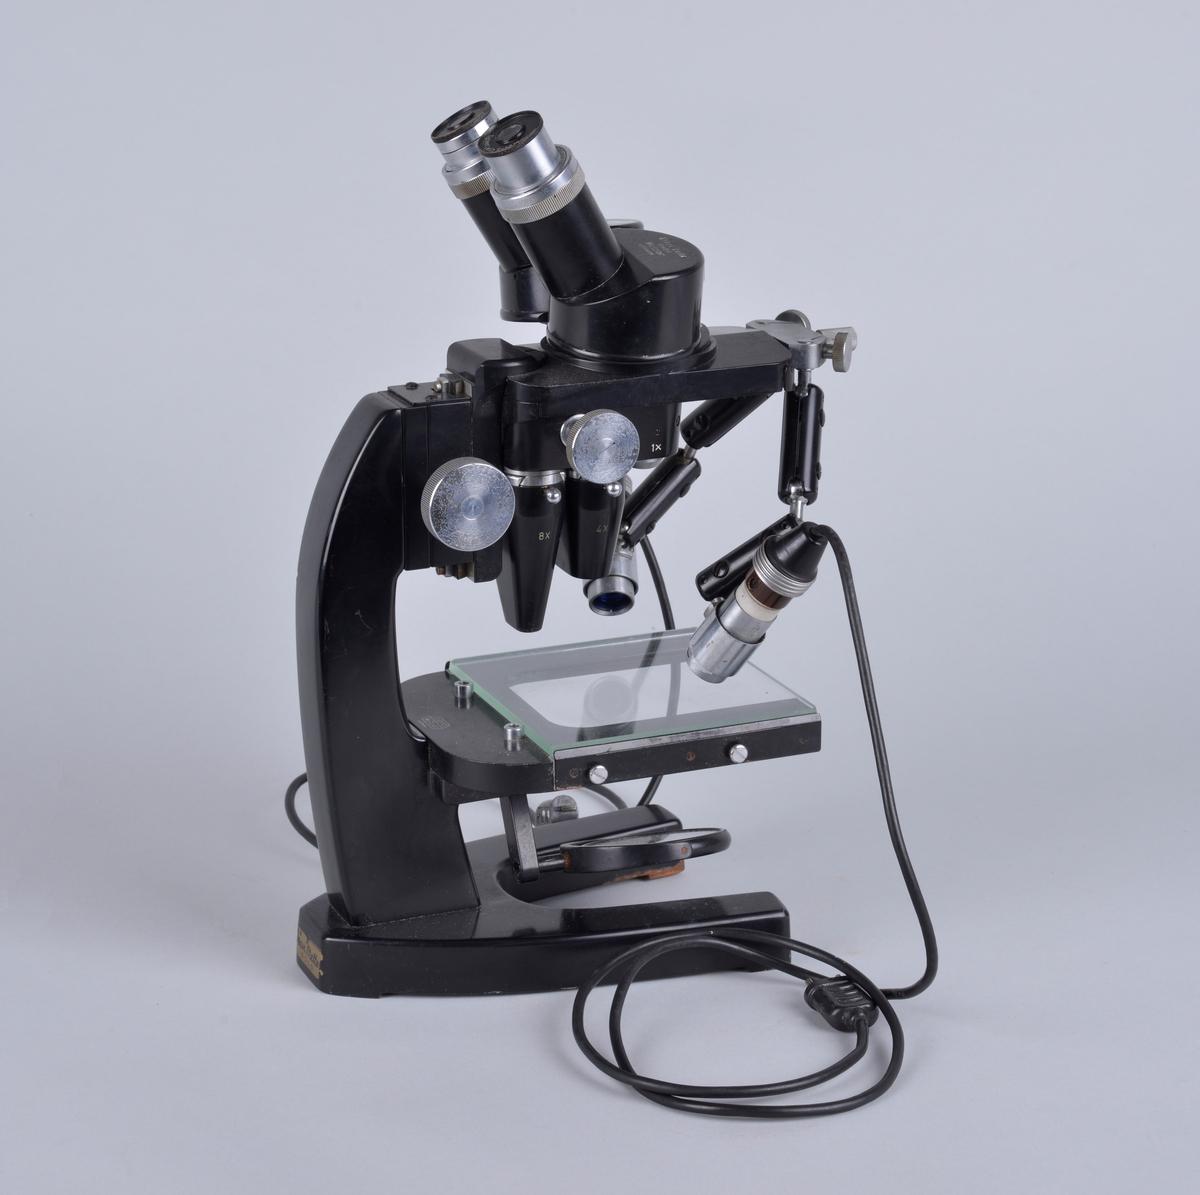 Binokulært mikroskop, har to okularer for bruk med begge øyne. Apparatet er produsert i Tyskeland og brukt av Vetrinærinstituttets fagfolk.   Chassiet er muligens laget i stål, svartlakkert.